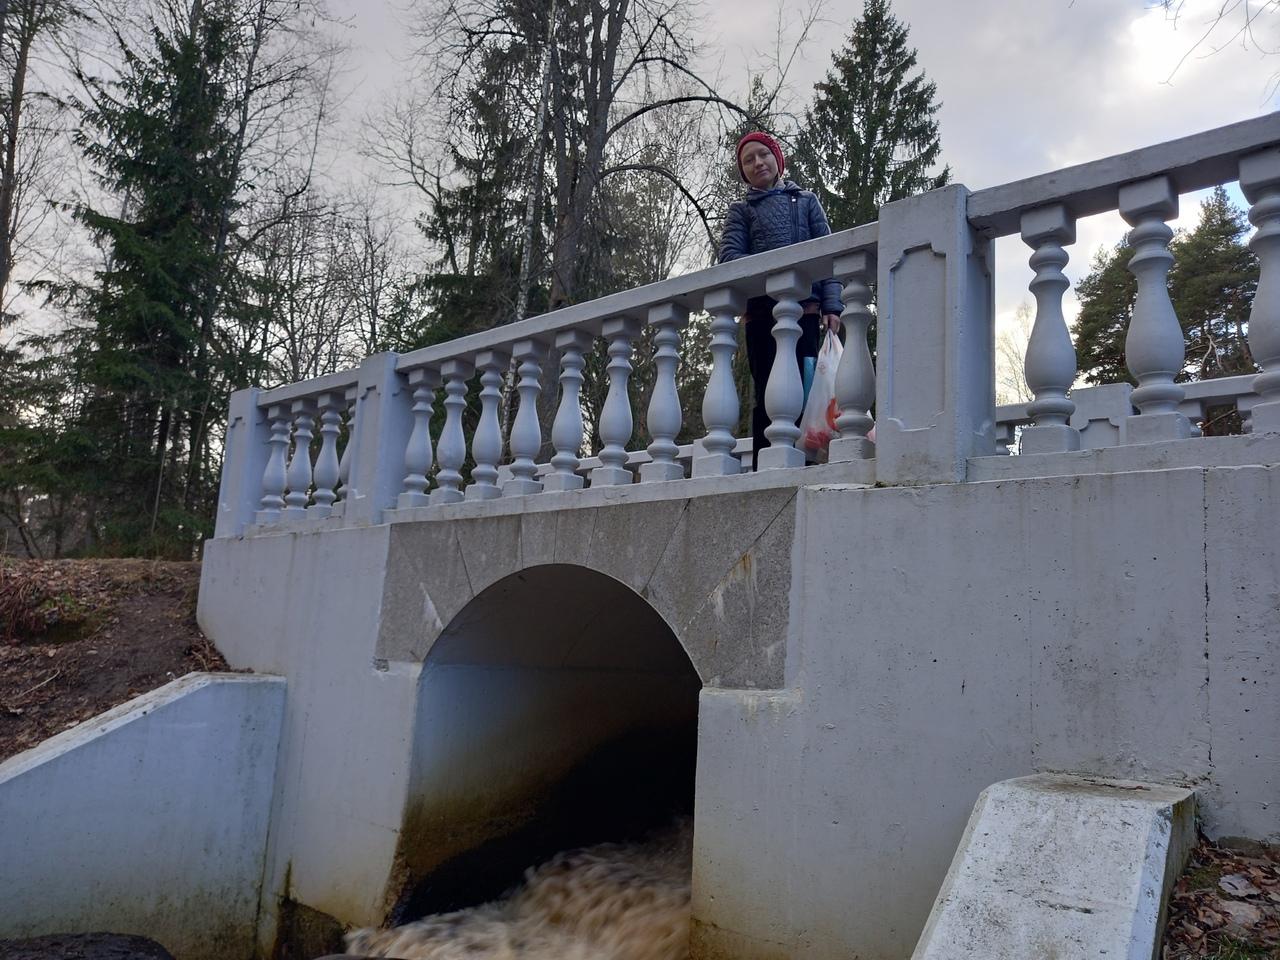 Вилла Айнола в Зеленогорске. И встреча новой теплоэлектрички